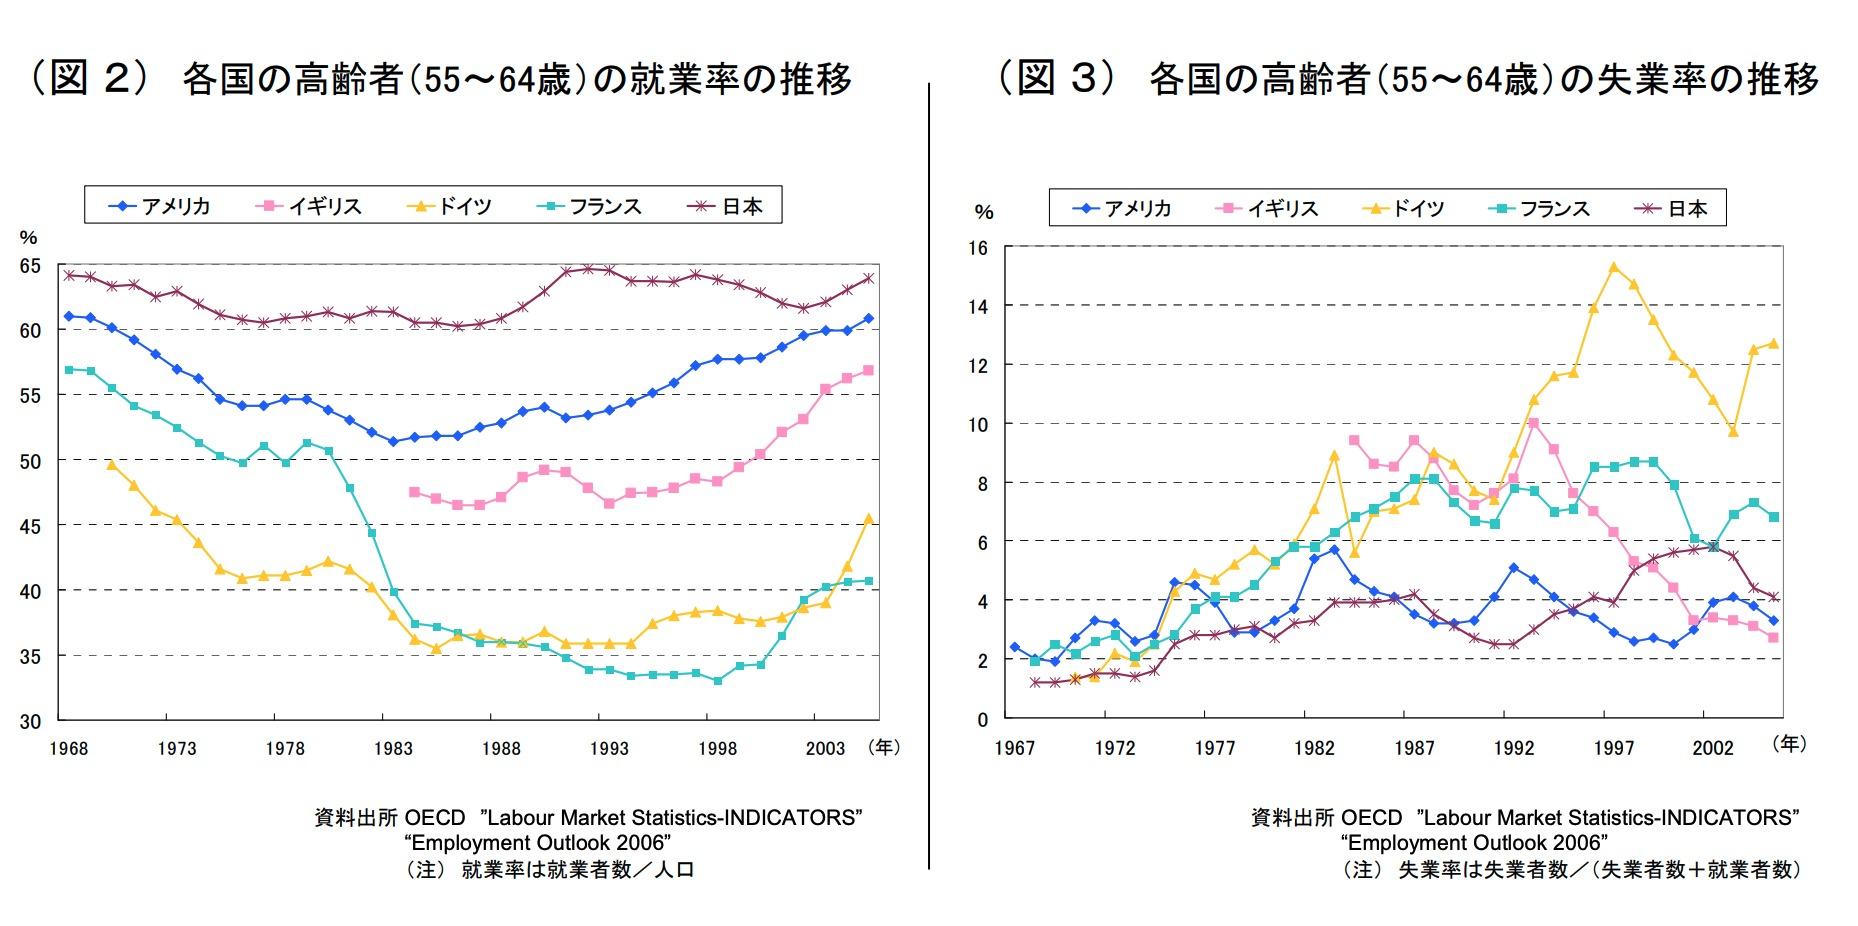 内閣府資料「各国の高齢化率(65歳以上人口/総人口)の推移」